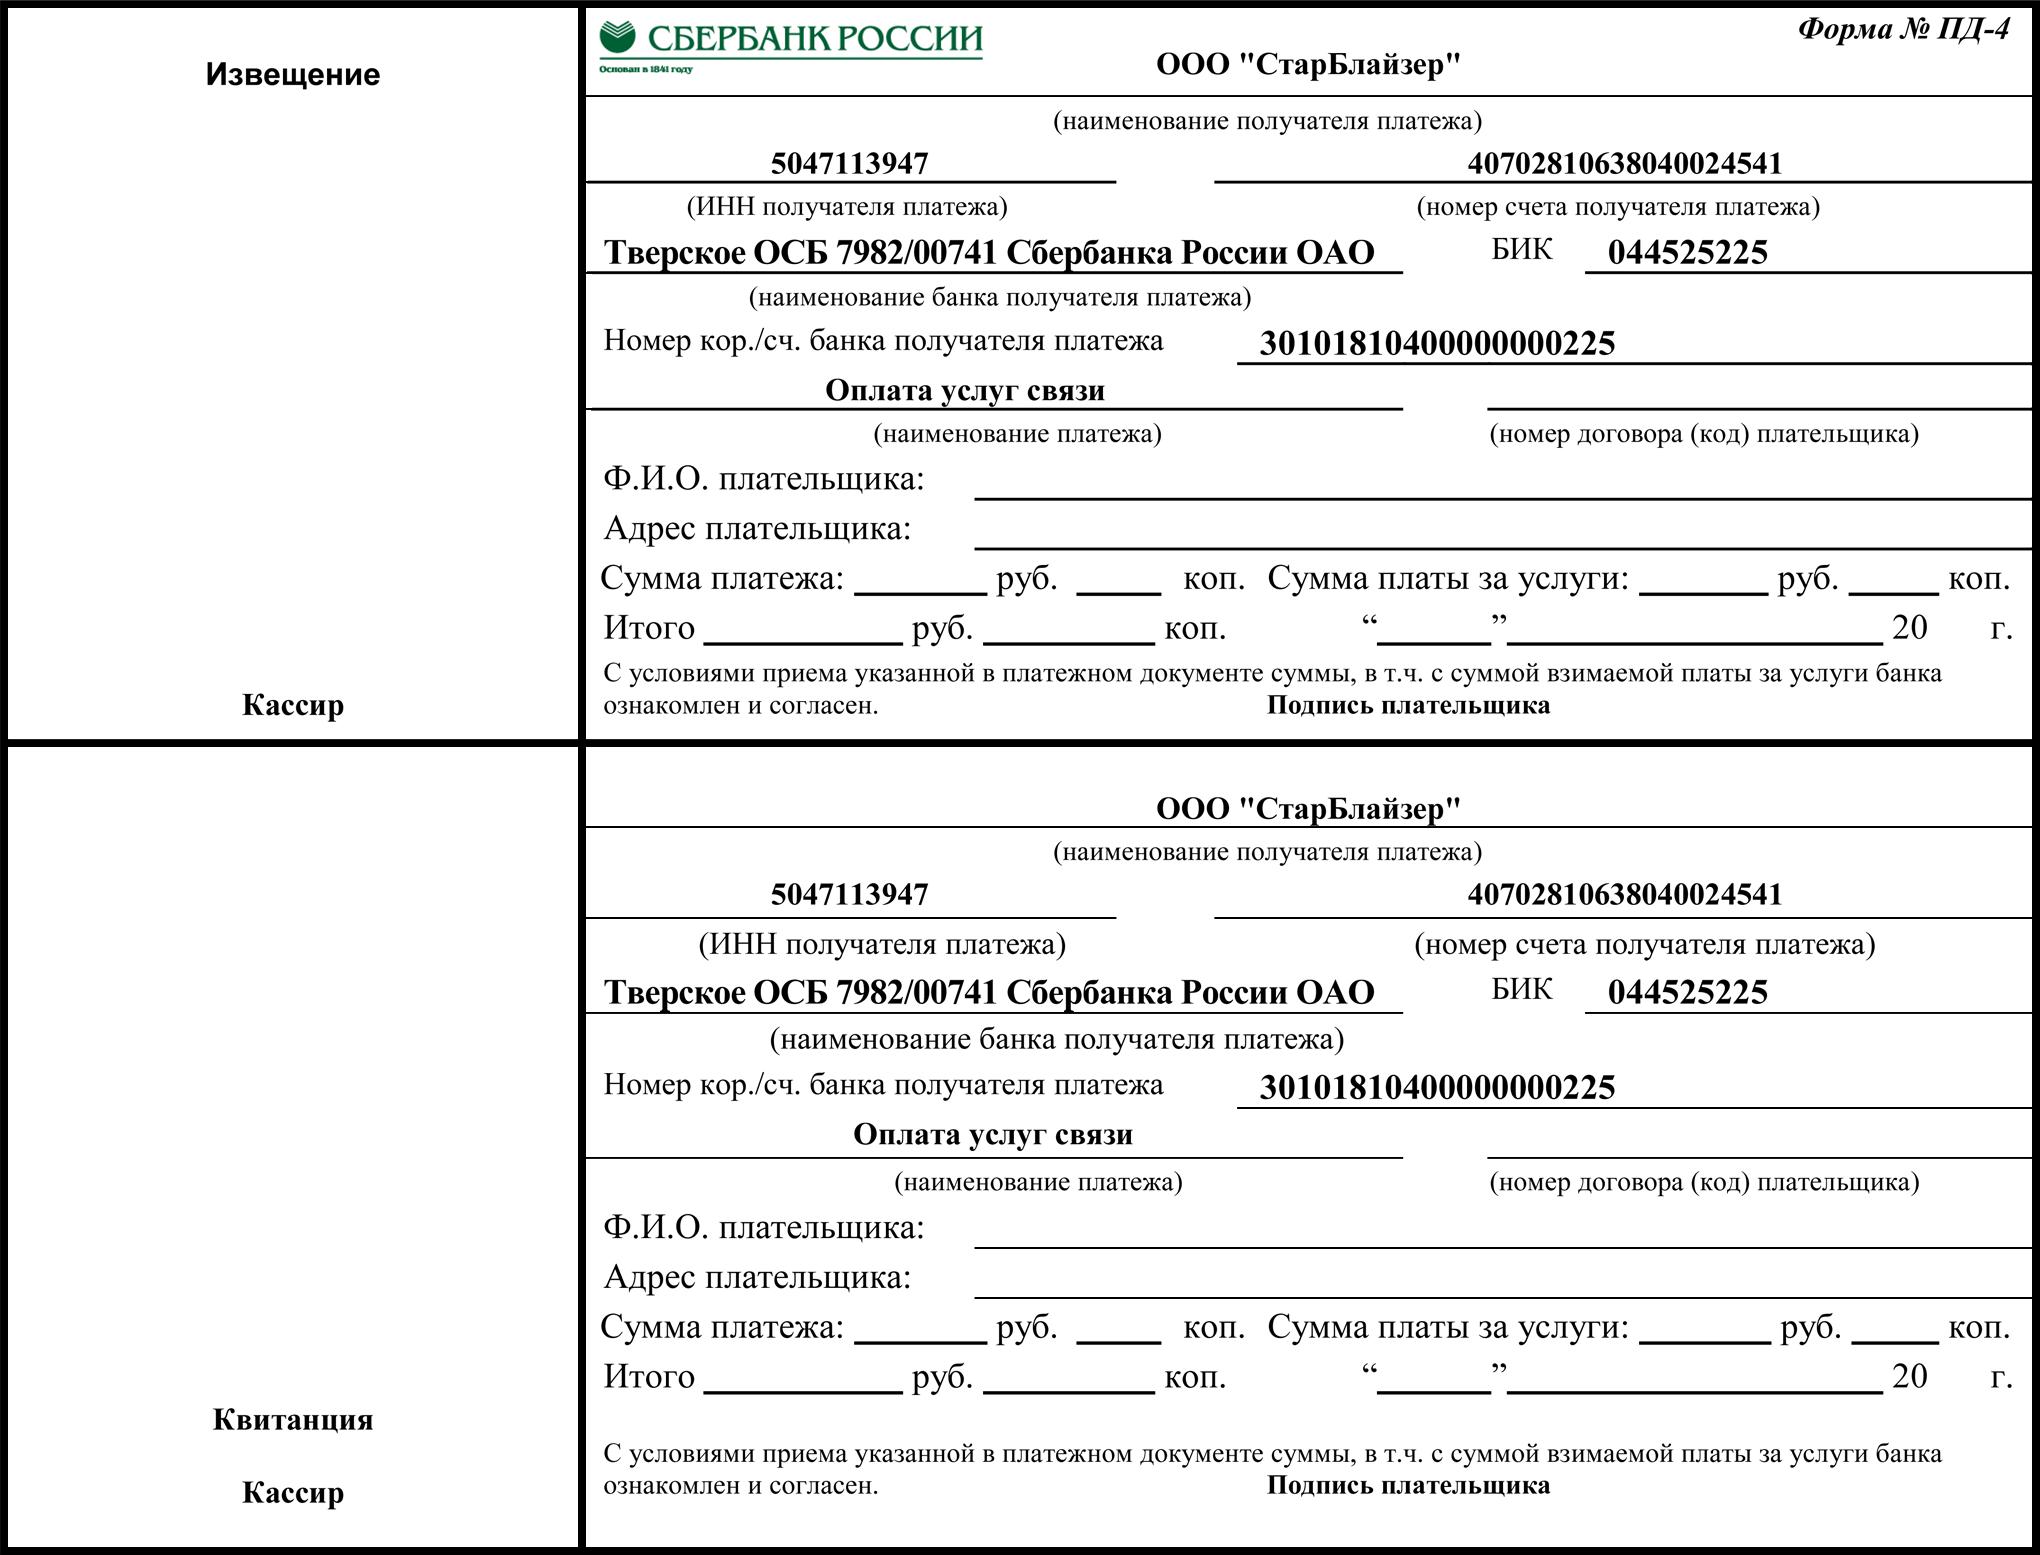 квитанции на оплату услуг образец